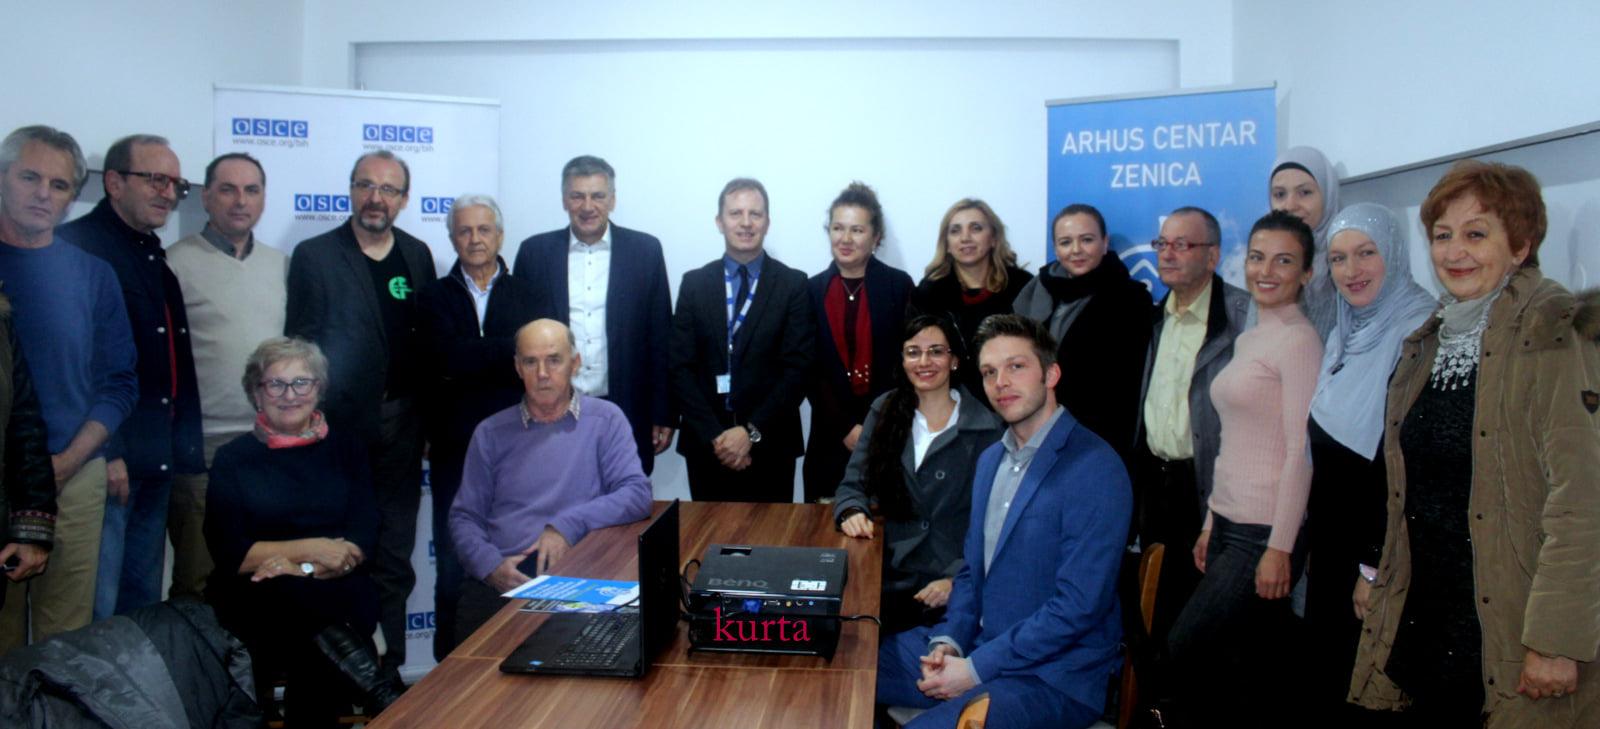 Svečano otvorenje Arhus centra u Zenici 20.12.2019